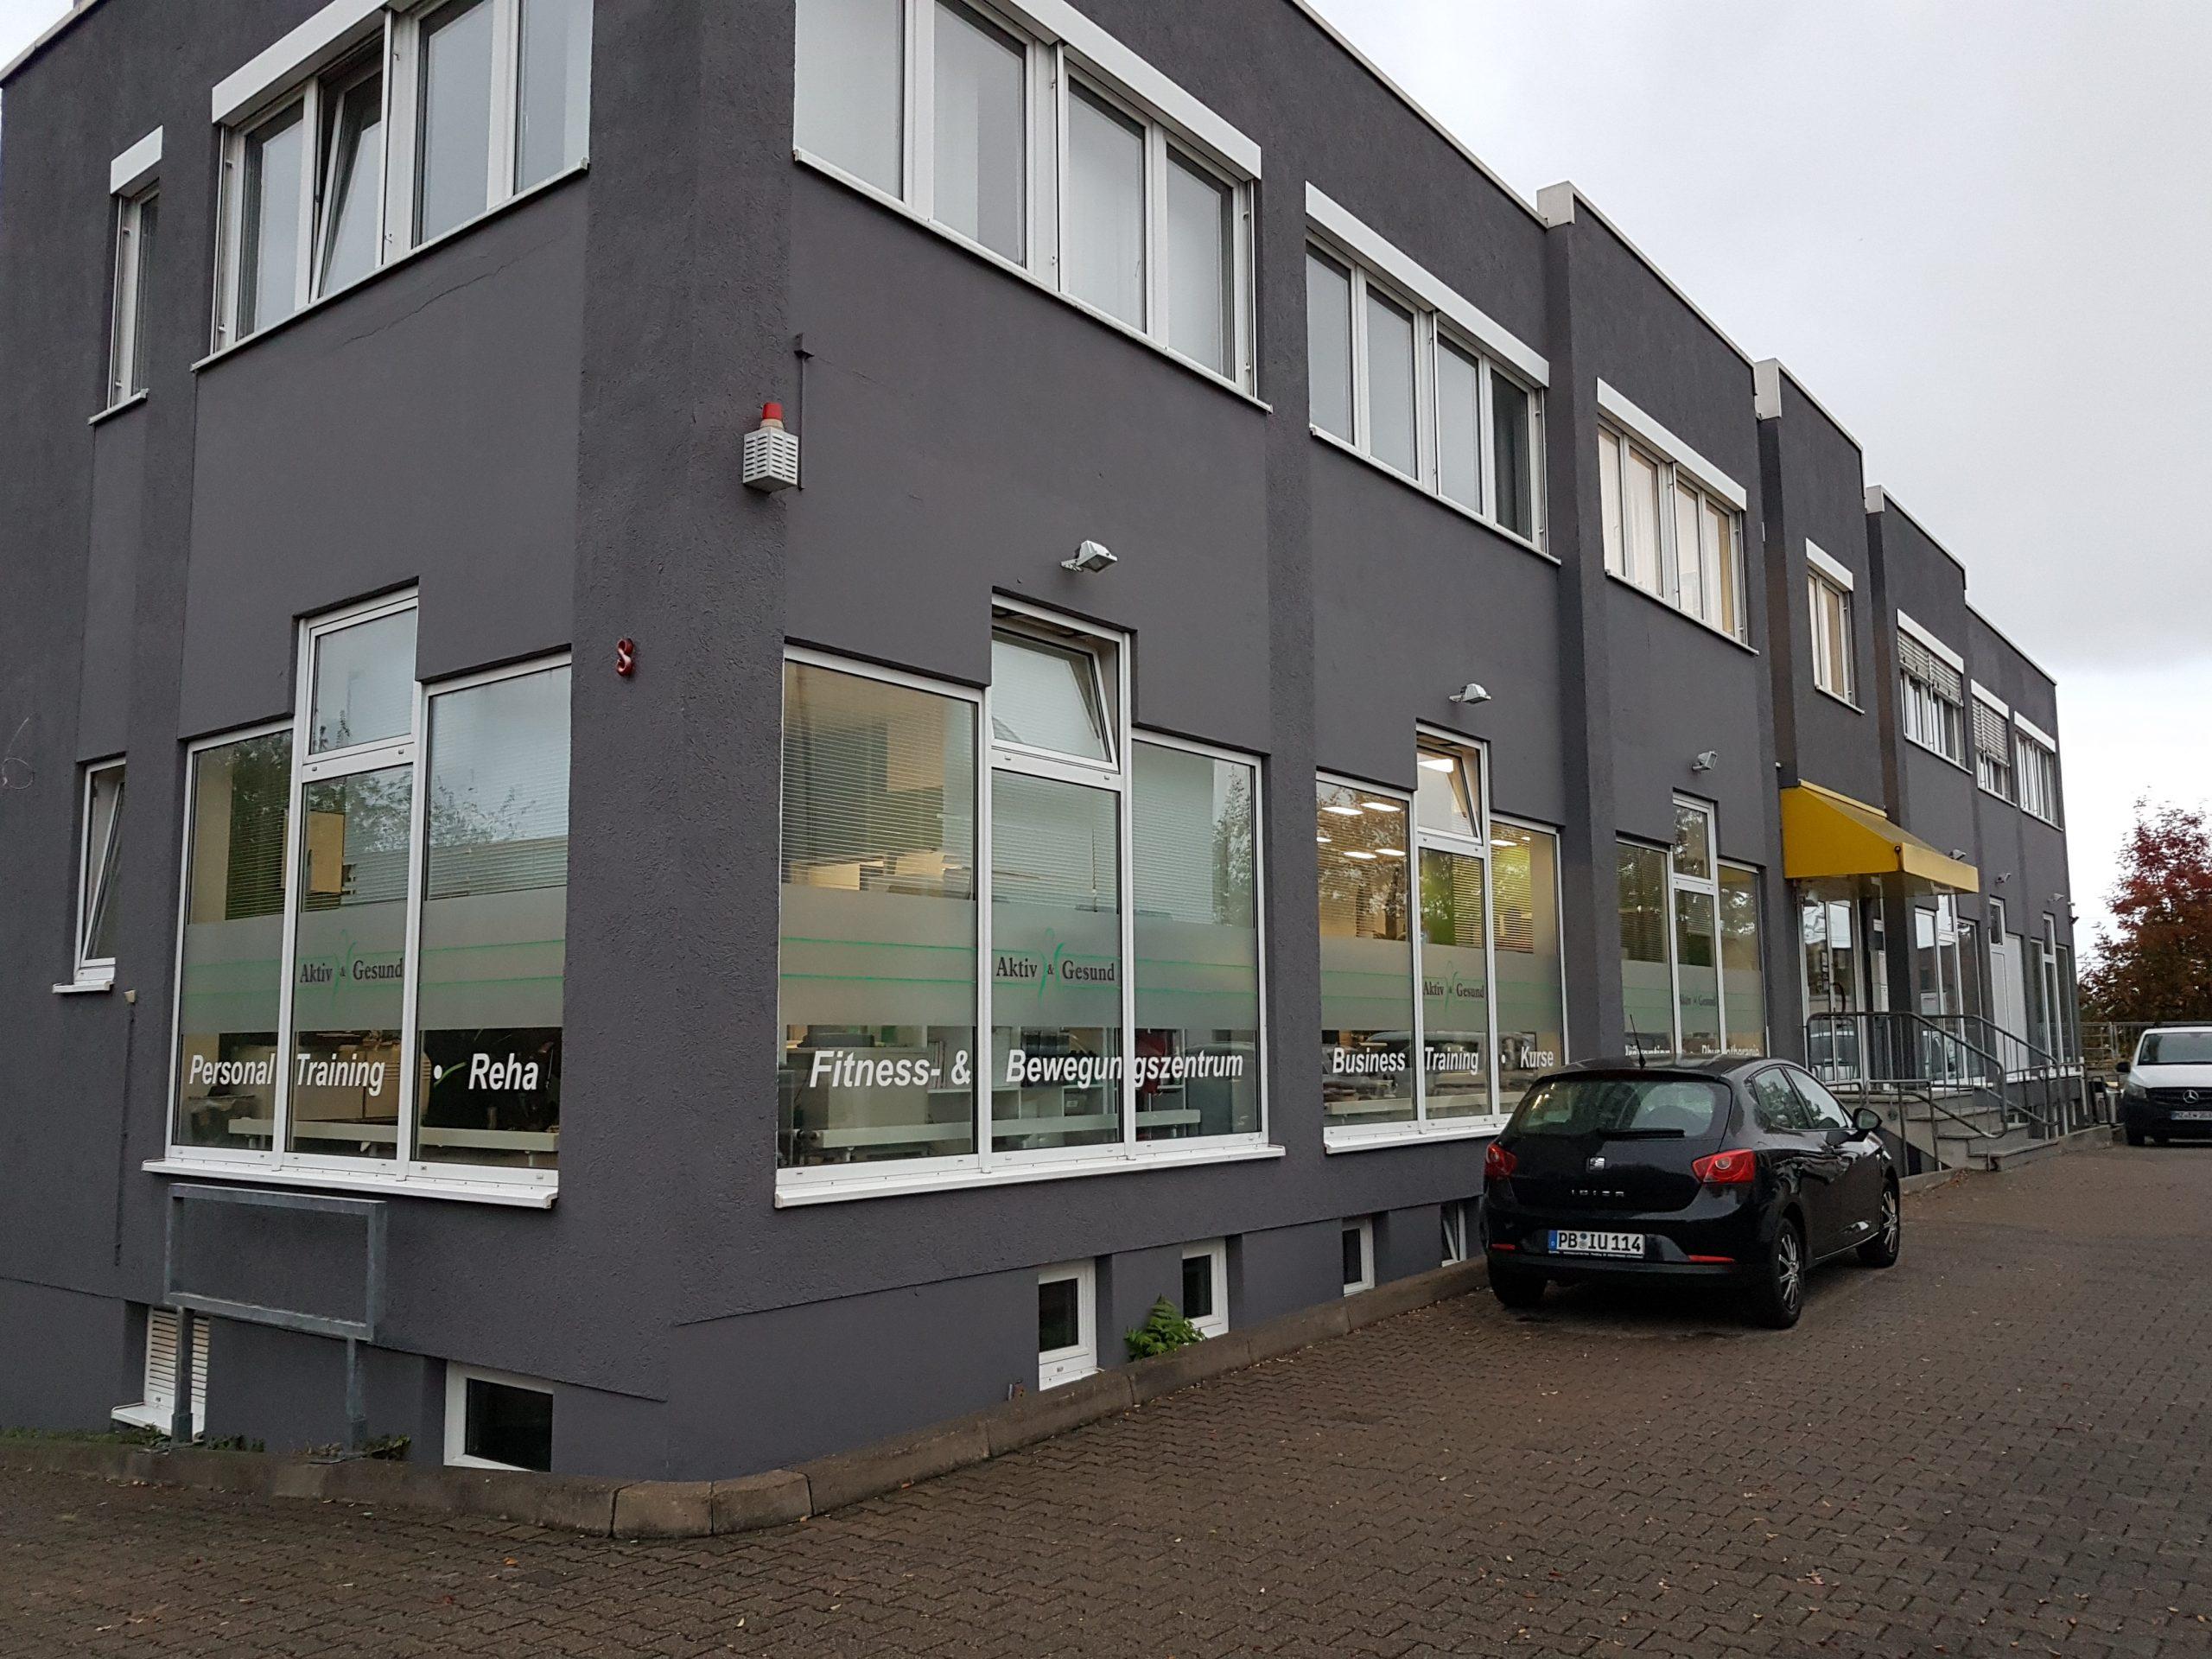 Standort - Mainz-Hechtsheim - Aktiv & Gesund Hechtsheim